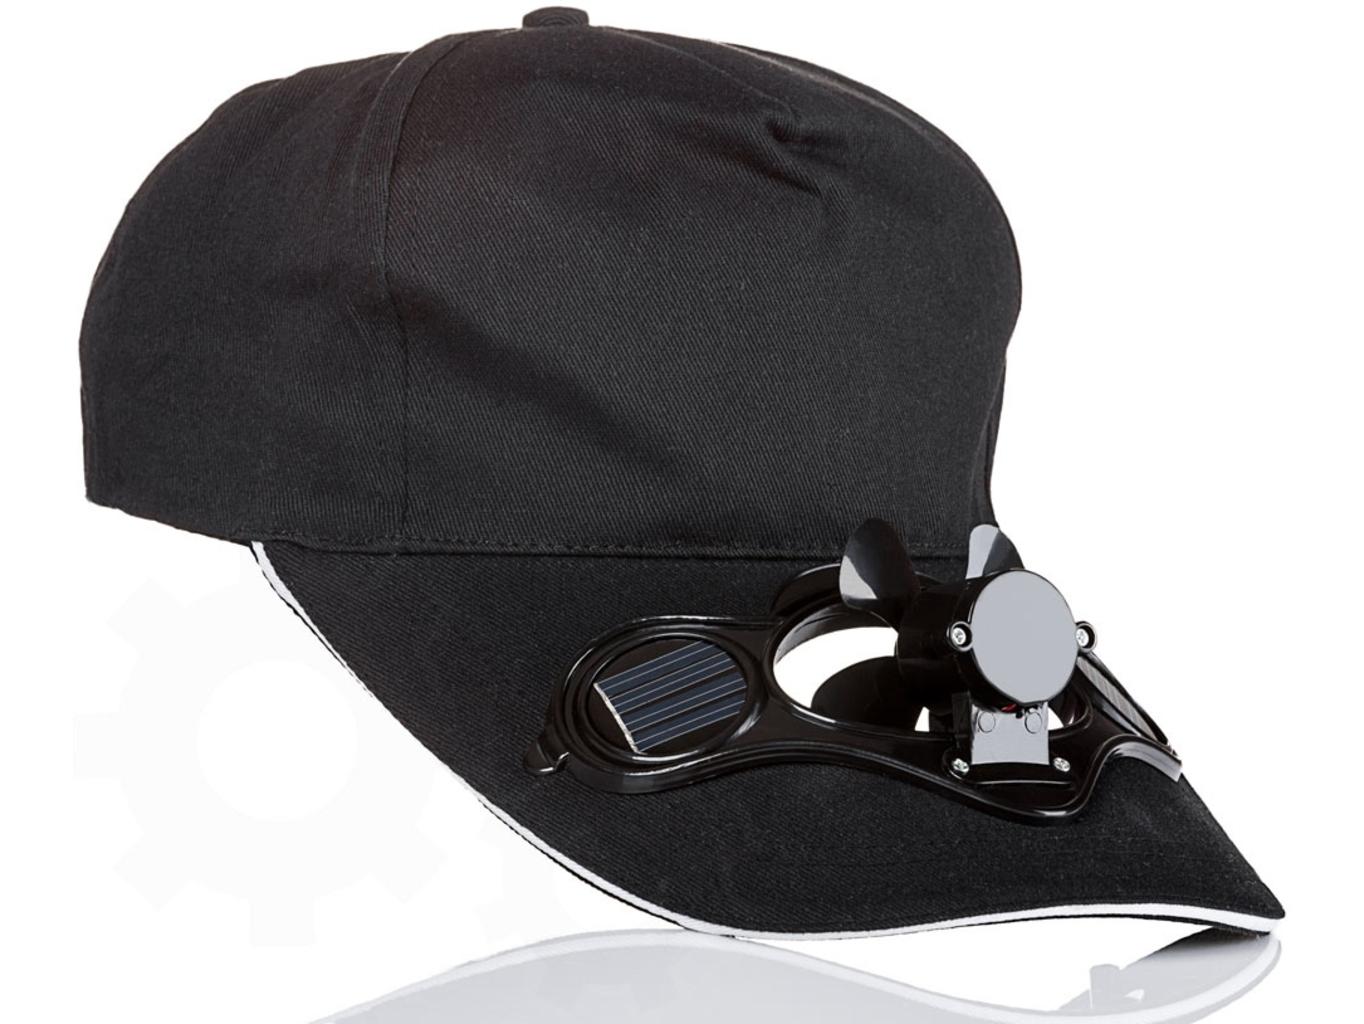 Solární čepice s větráčkem - Černá